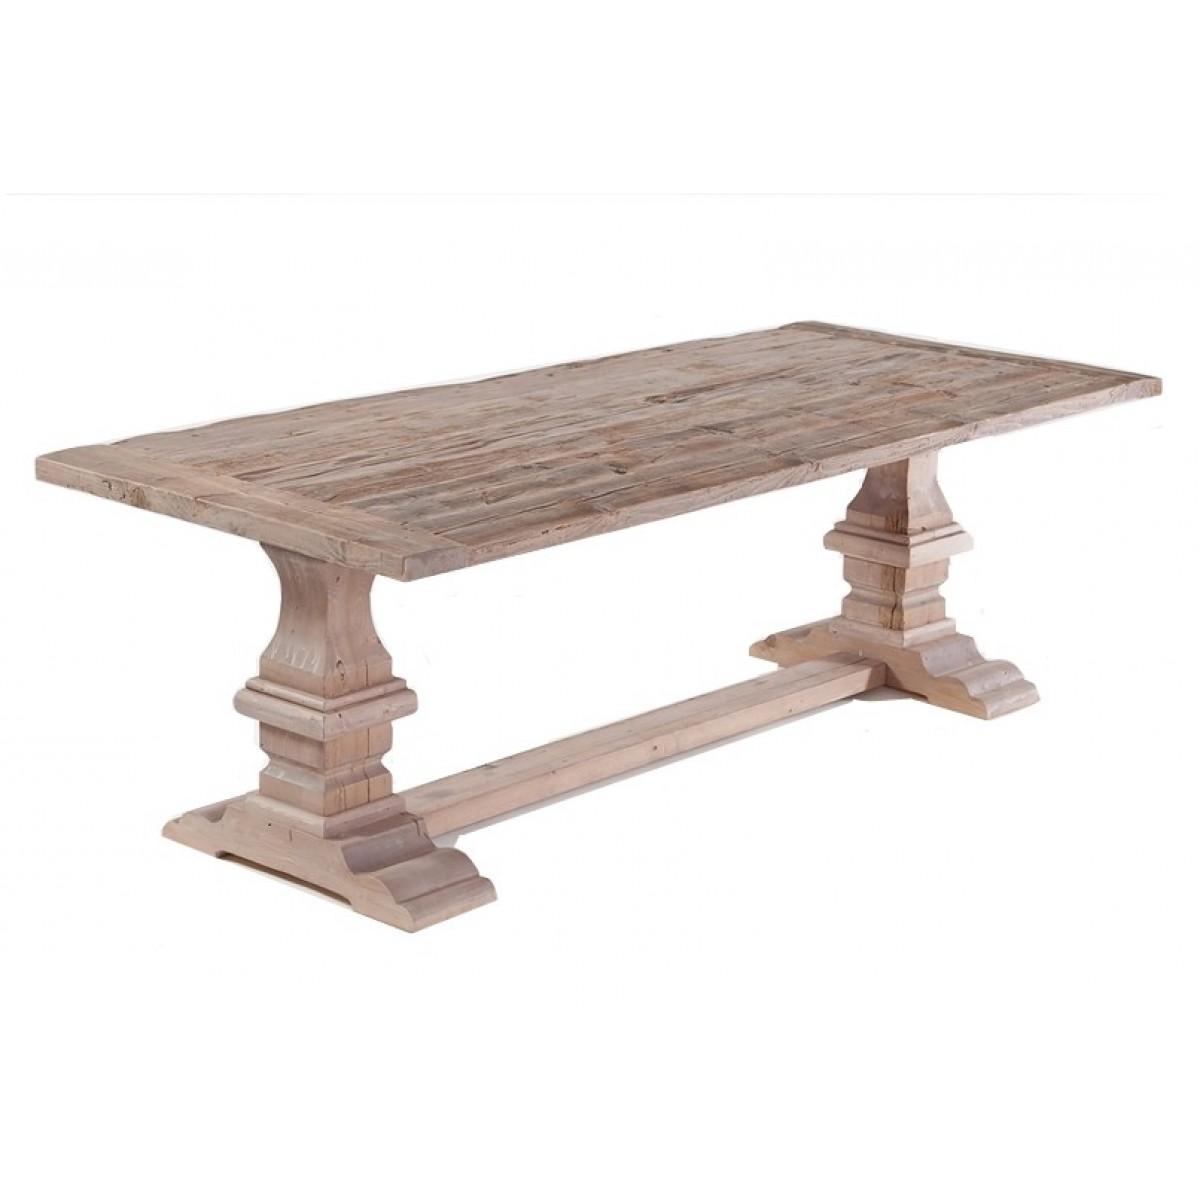 altholz tisch kaufen altholz tisch rustikal with altholz tisch kaufen esstisch altholz eiche. Black Bedroom Furniture Sets. Home Design Ideas